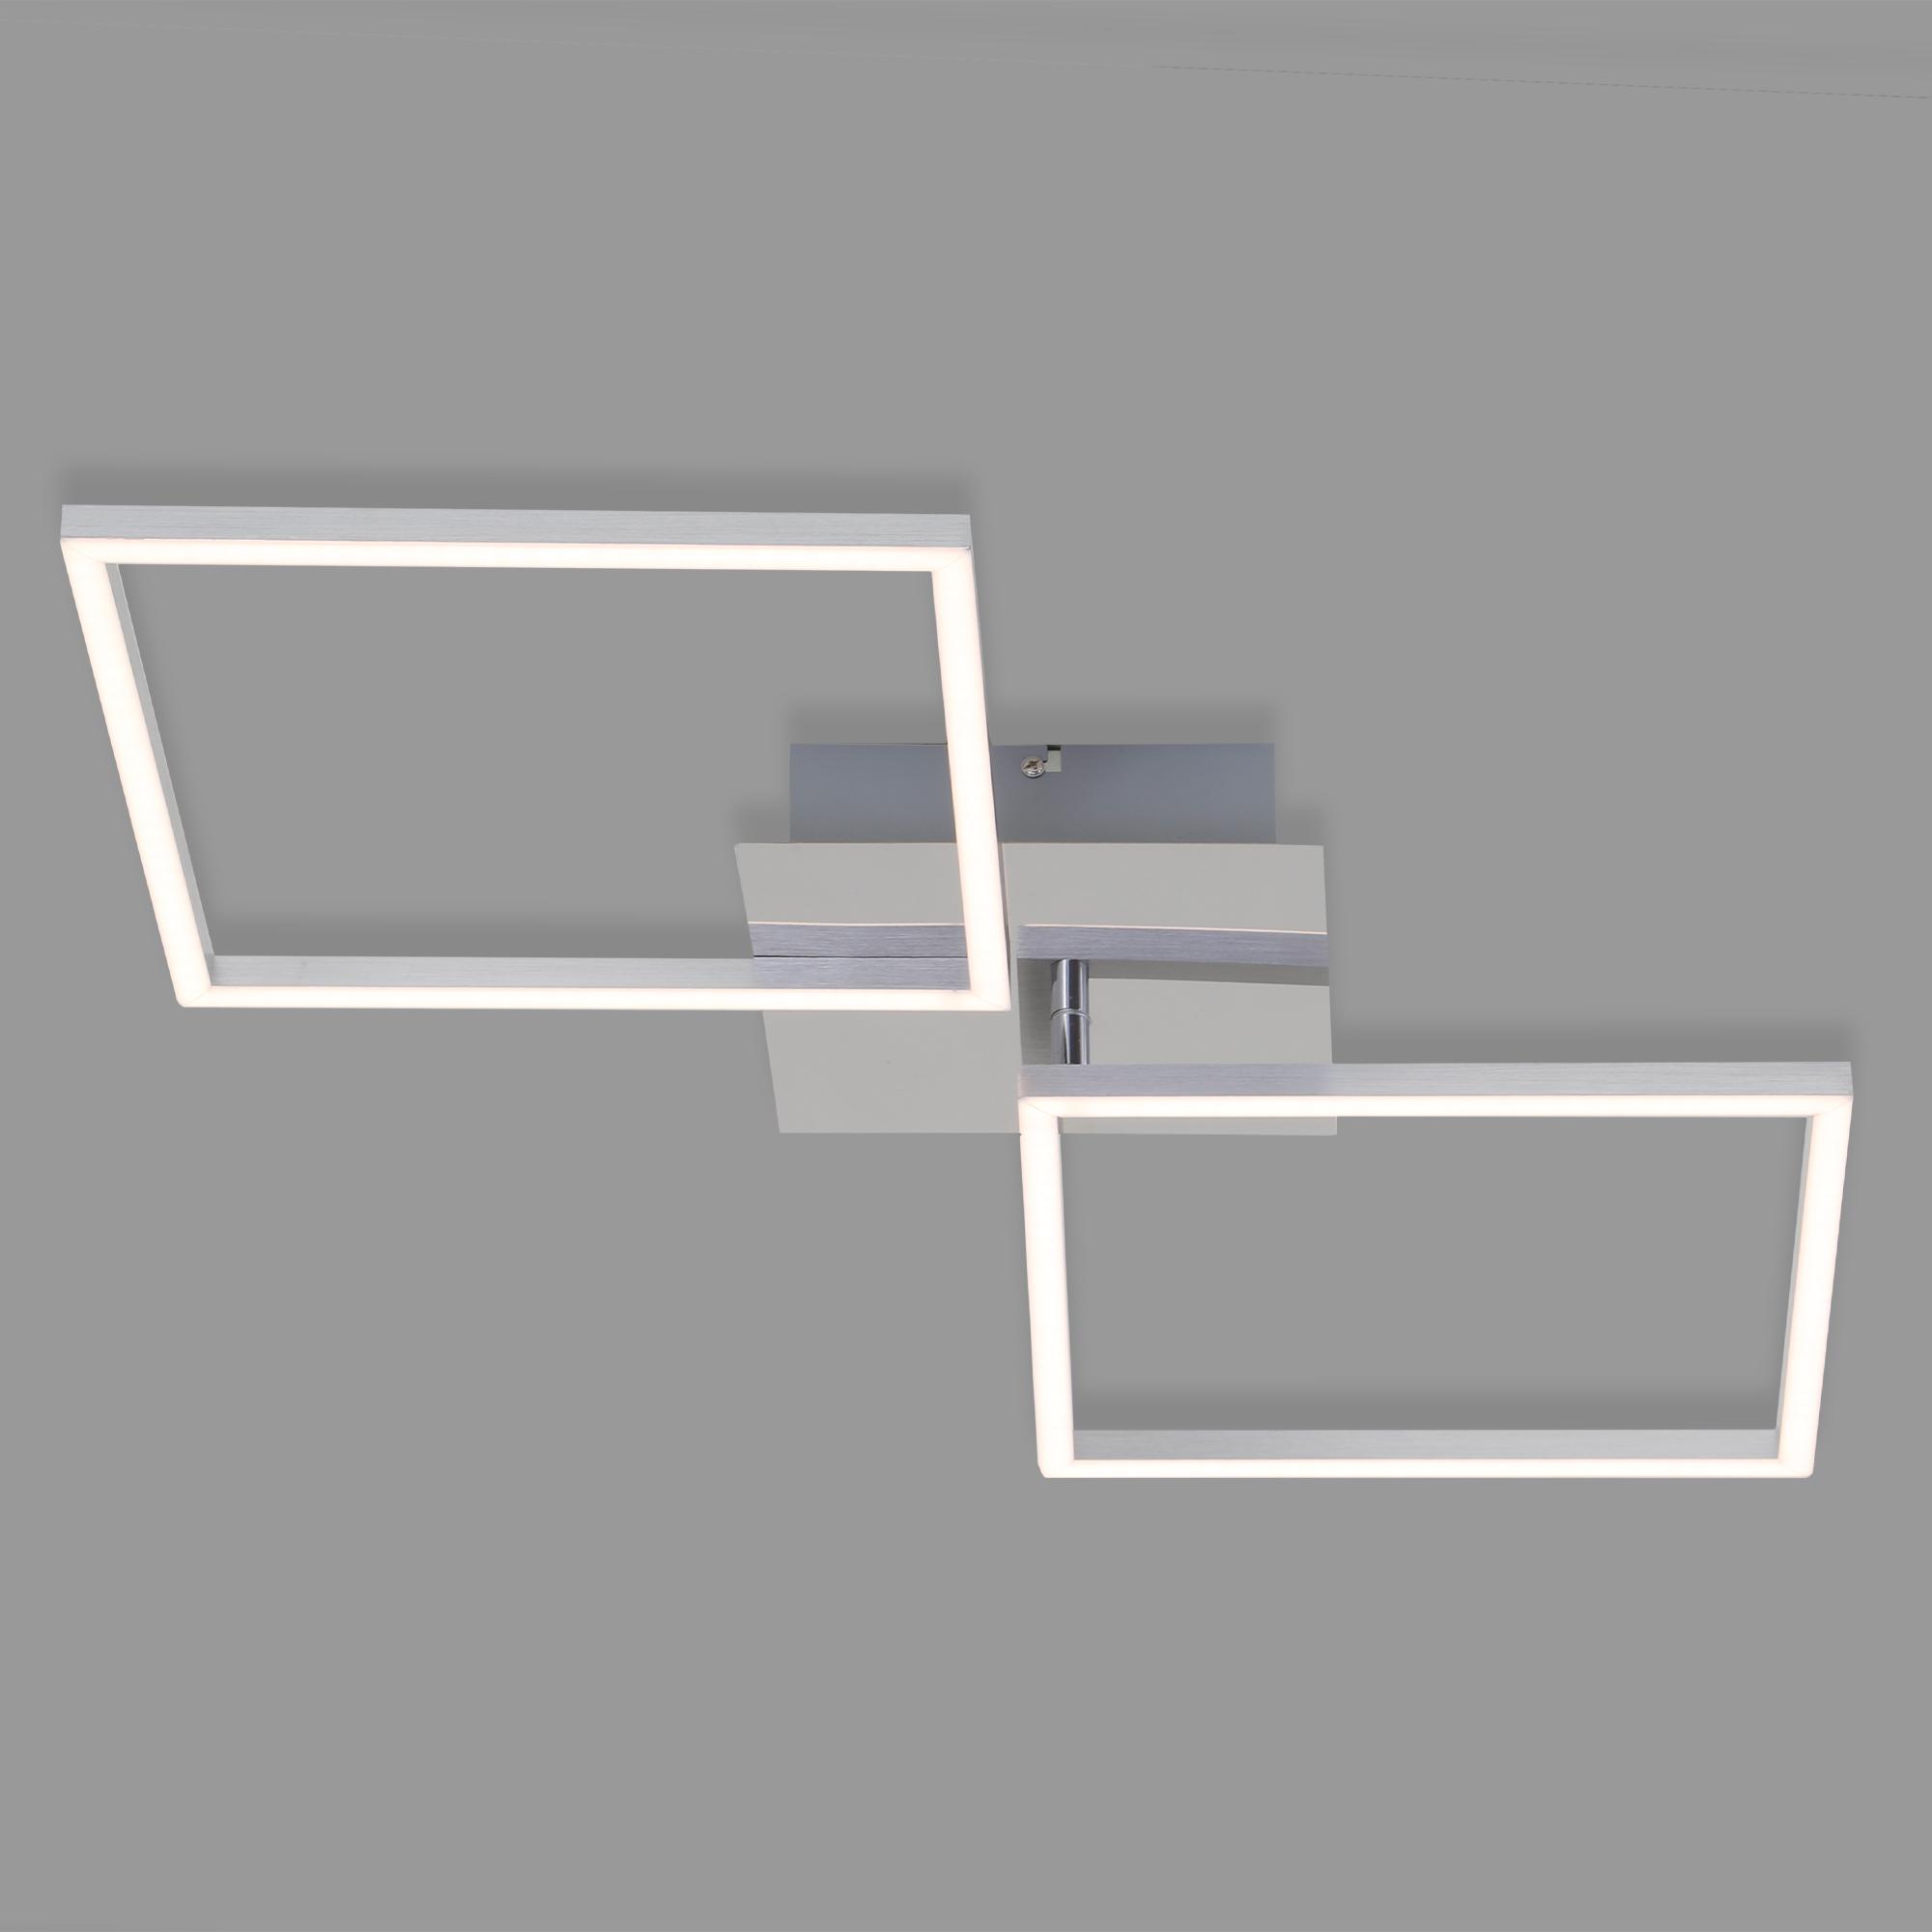 LED Deckenleuchte, 76,3 cm, 2600 LM, 36 W, Alu-Chrom